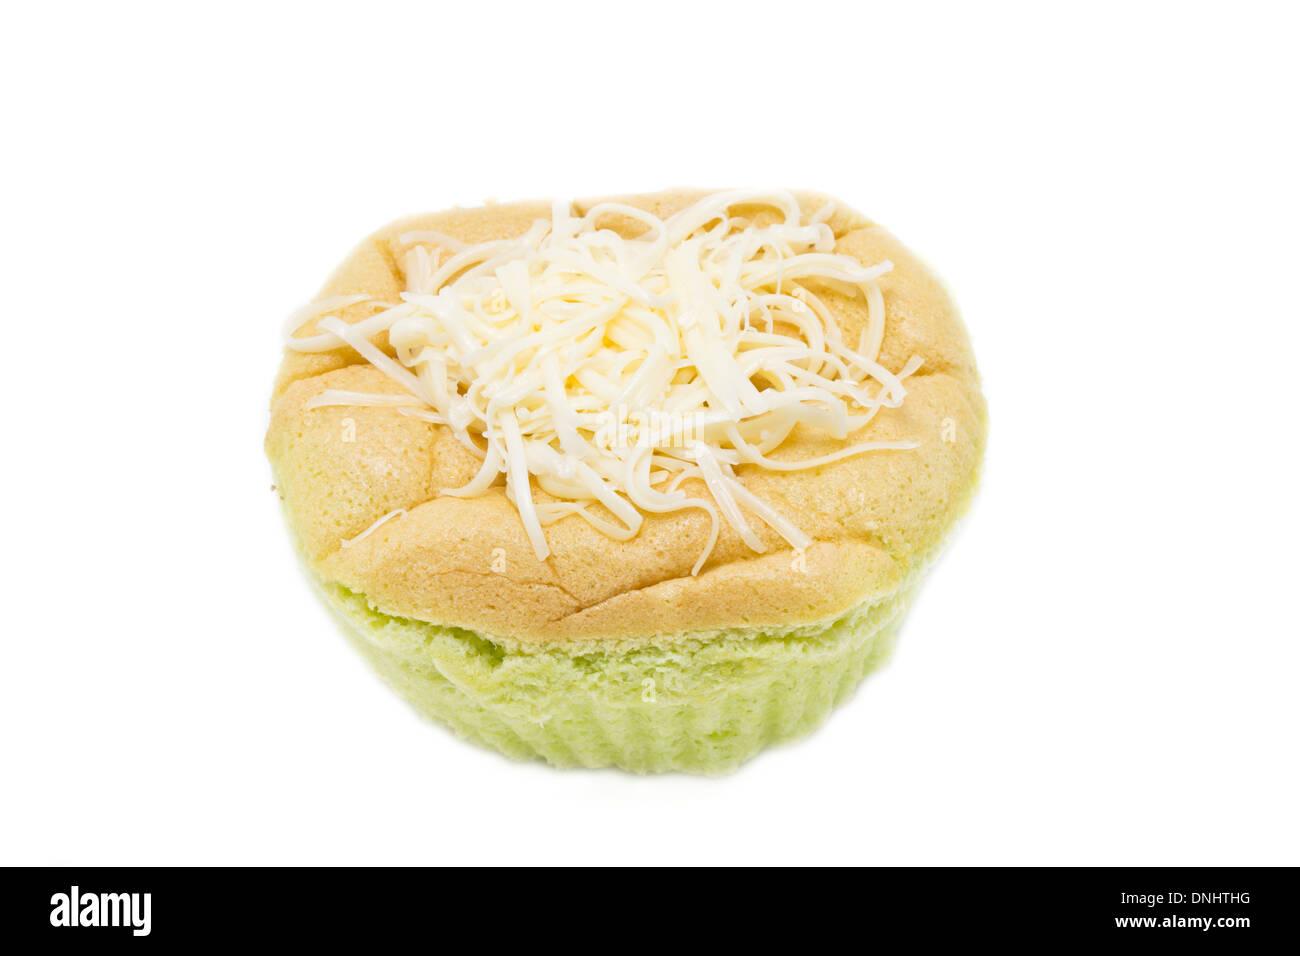 Philippines sponge cake call mamon isolated on white - Stock Image